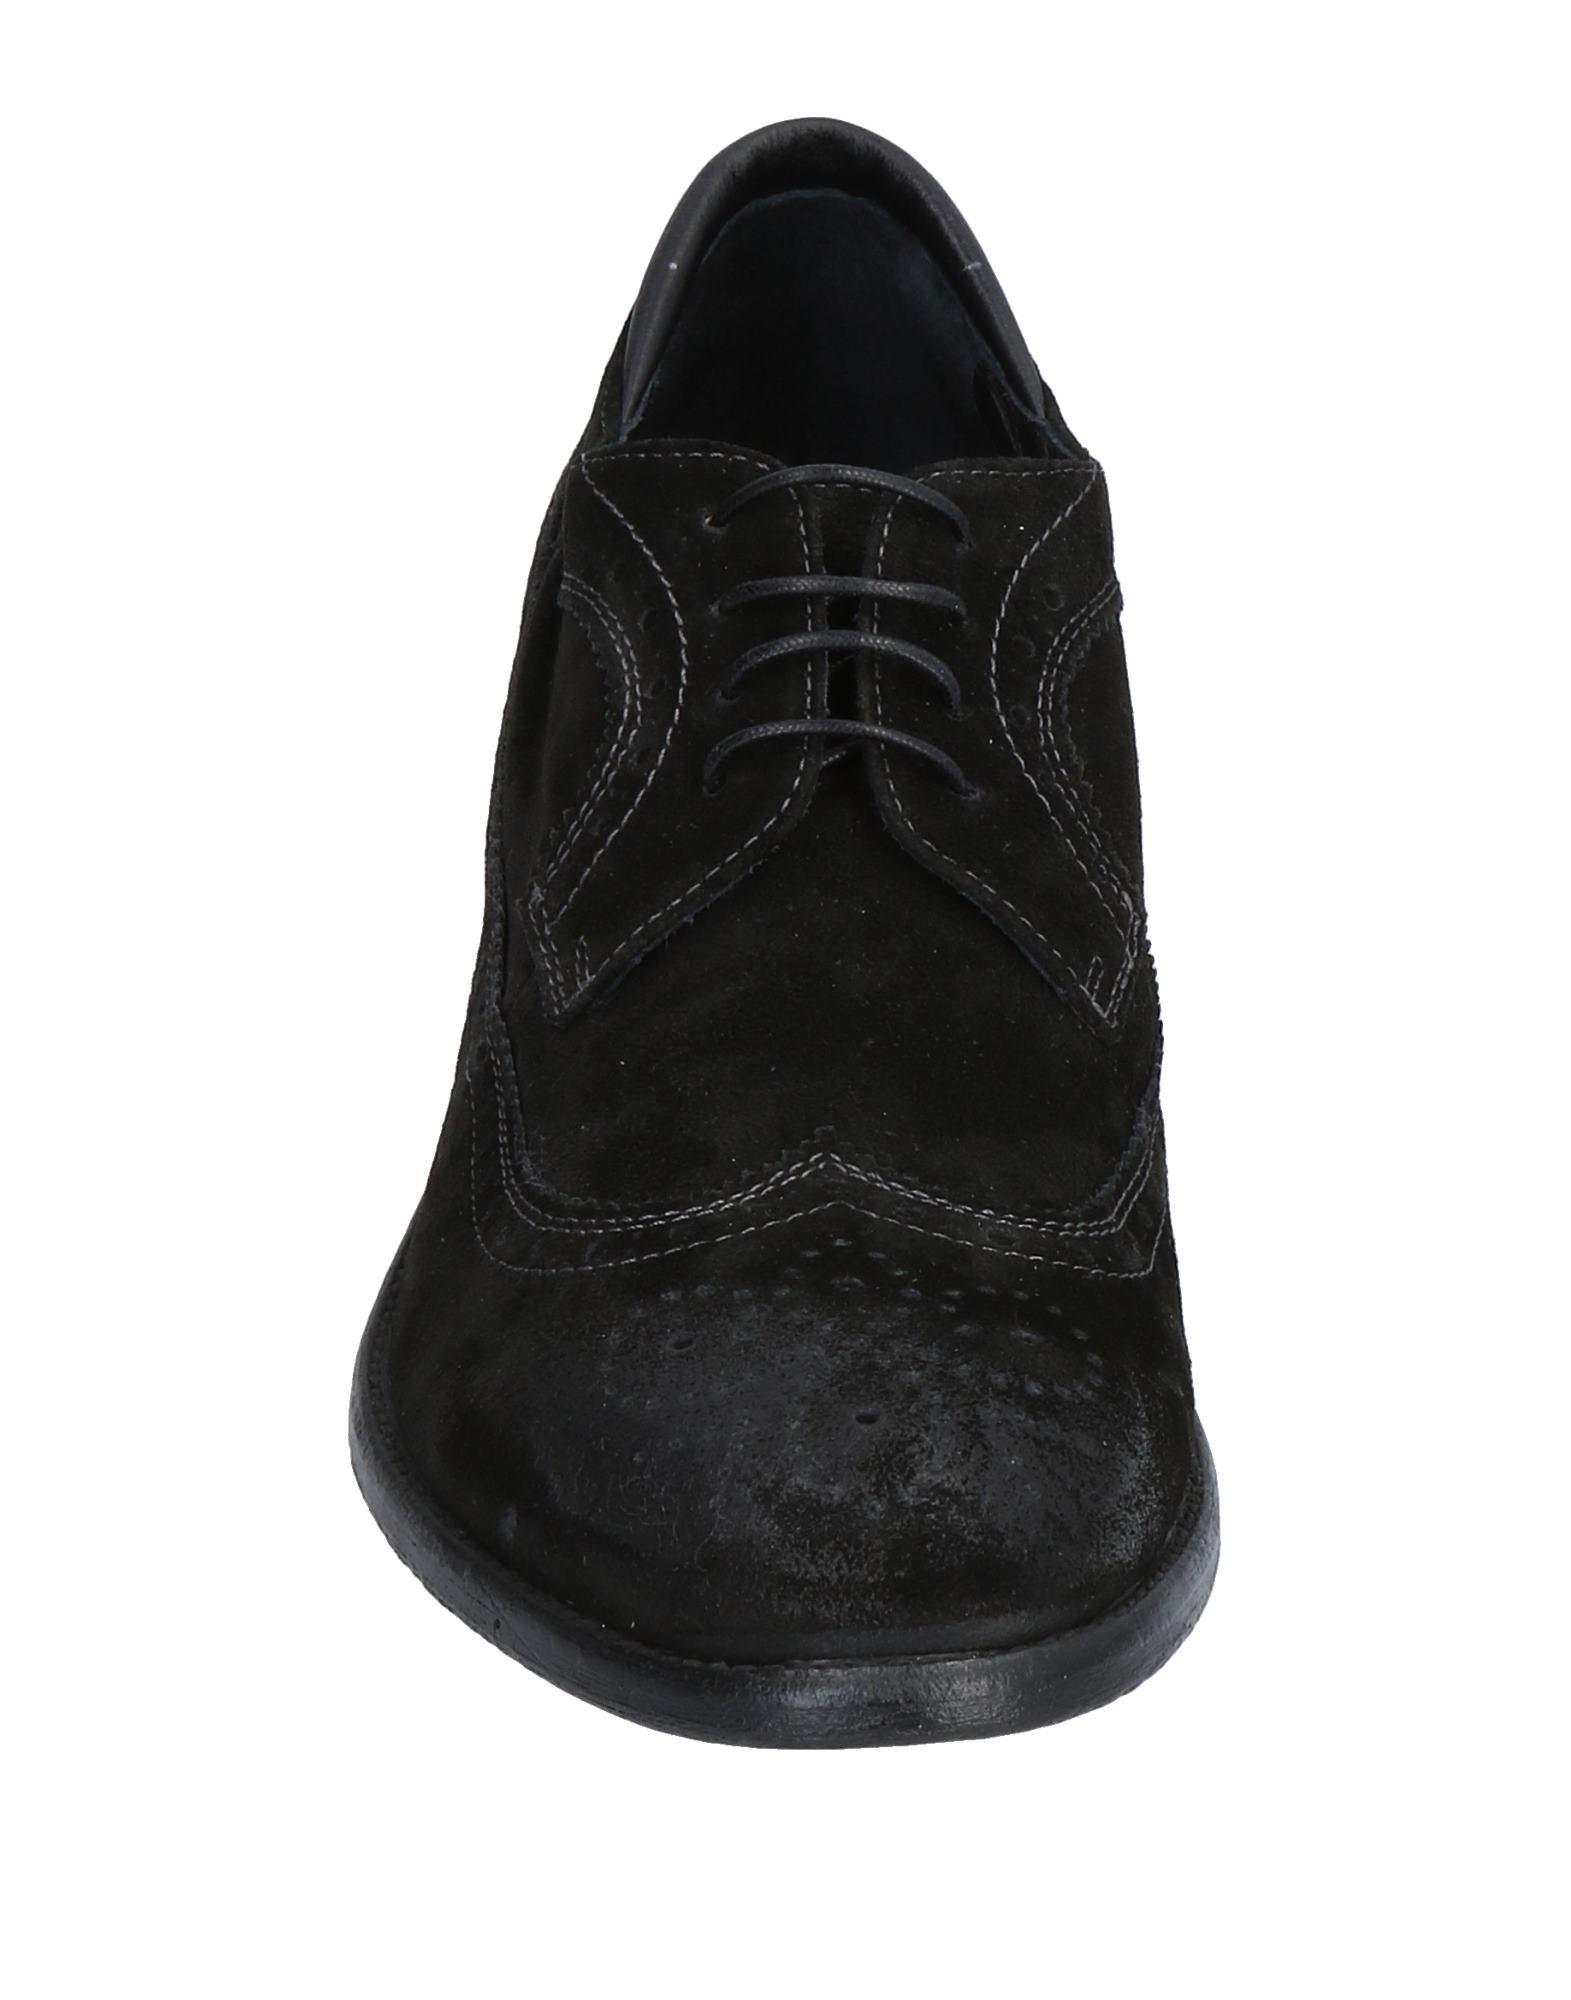 Alexander Hotto Neue Schnürschuhe Herren  11473979EG Neue Hotto Schuhe 3731df